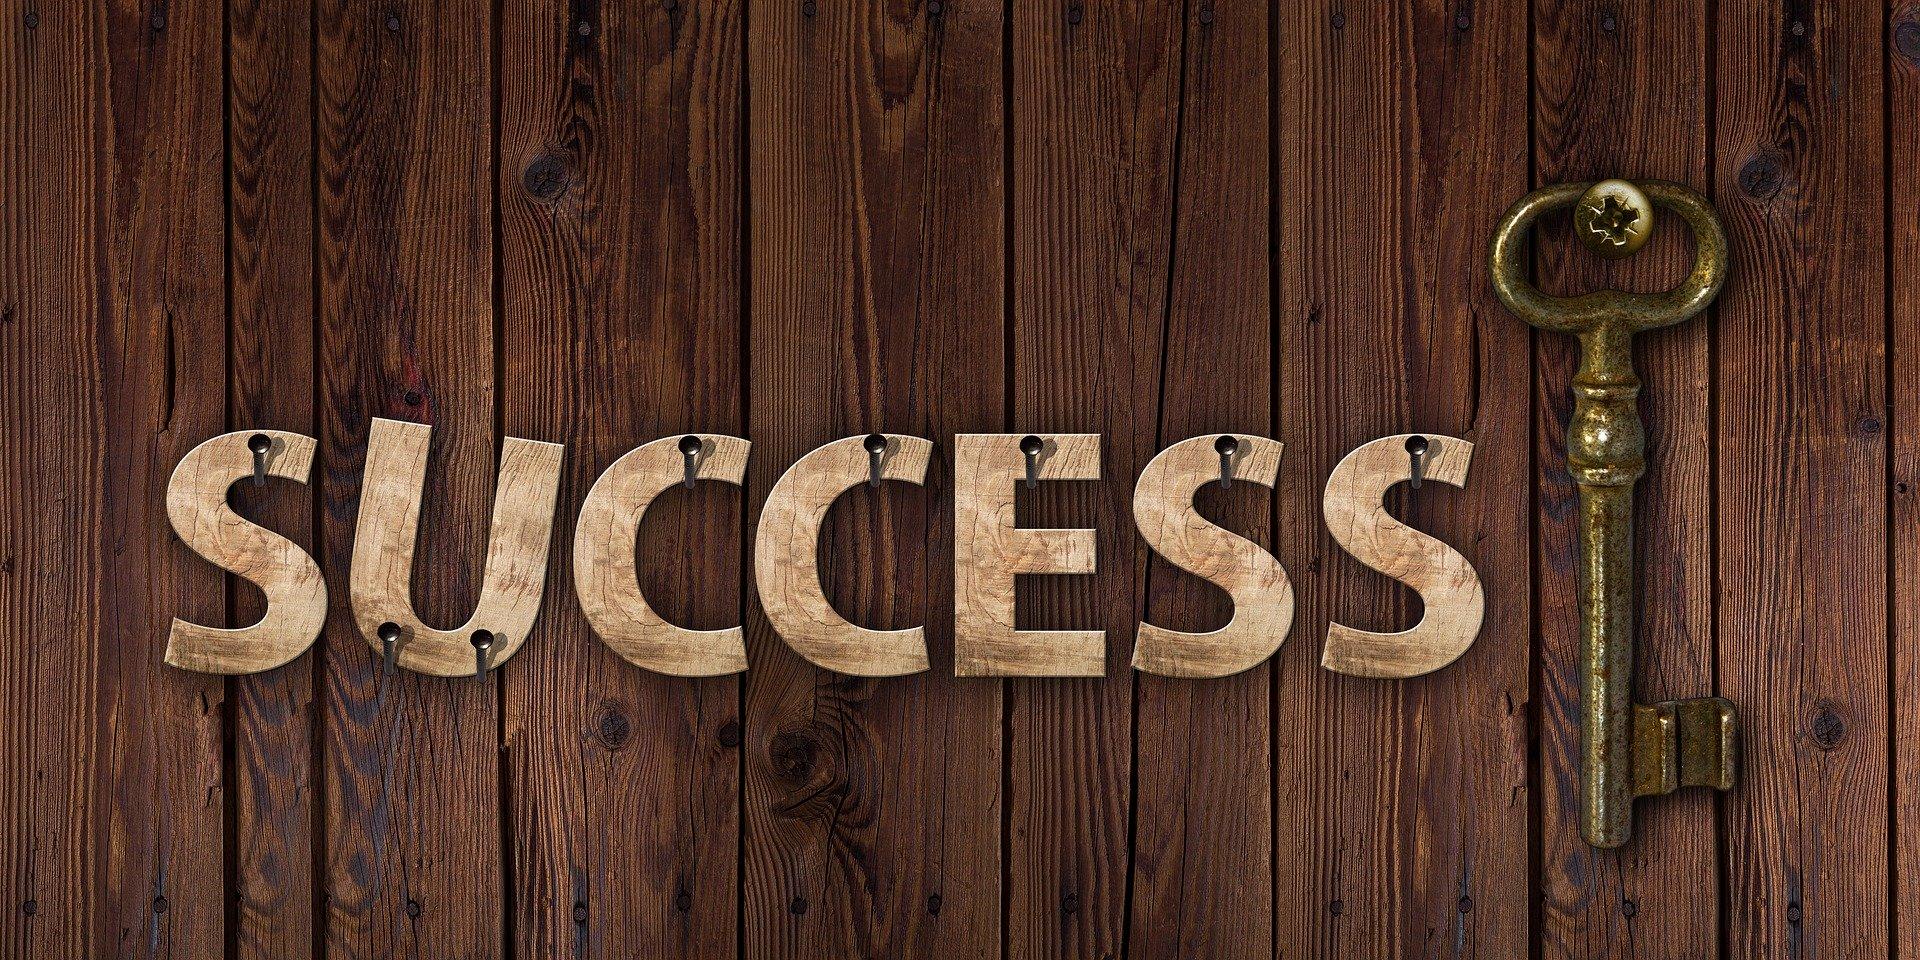 7 Schüssel für erfolgreichen Change!